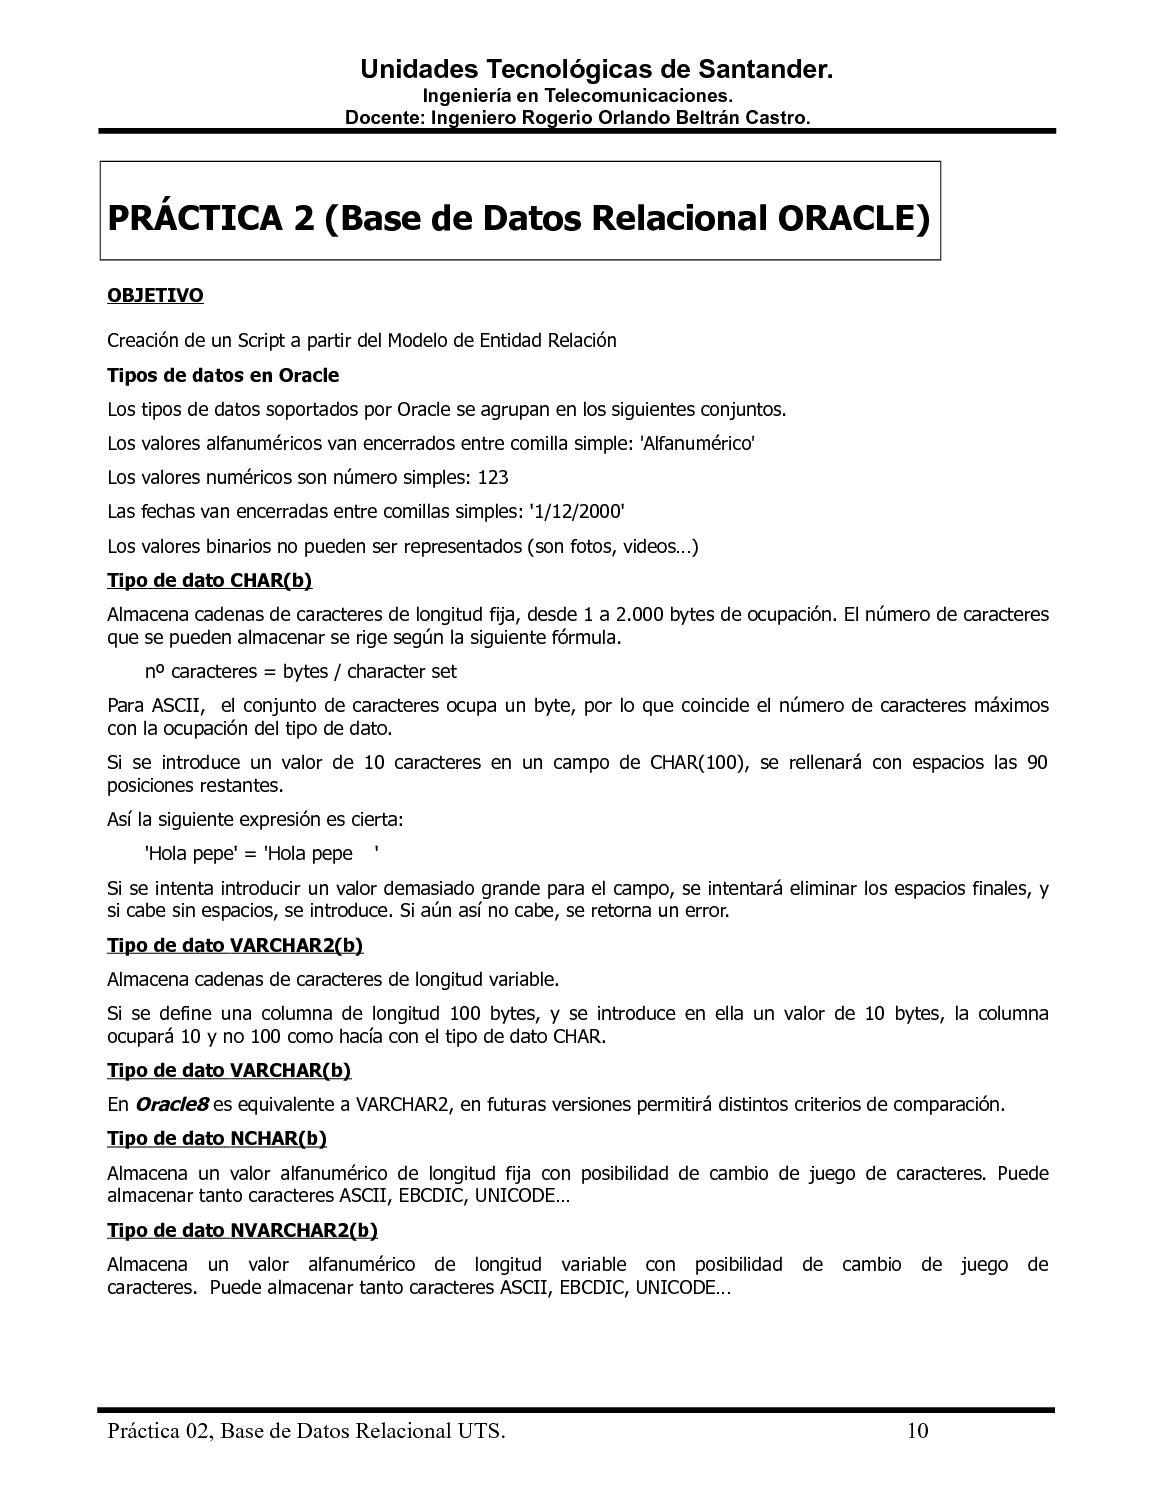 practica02